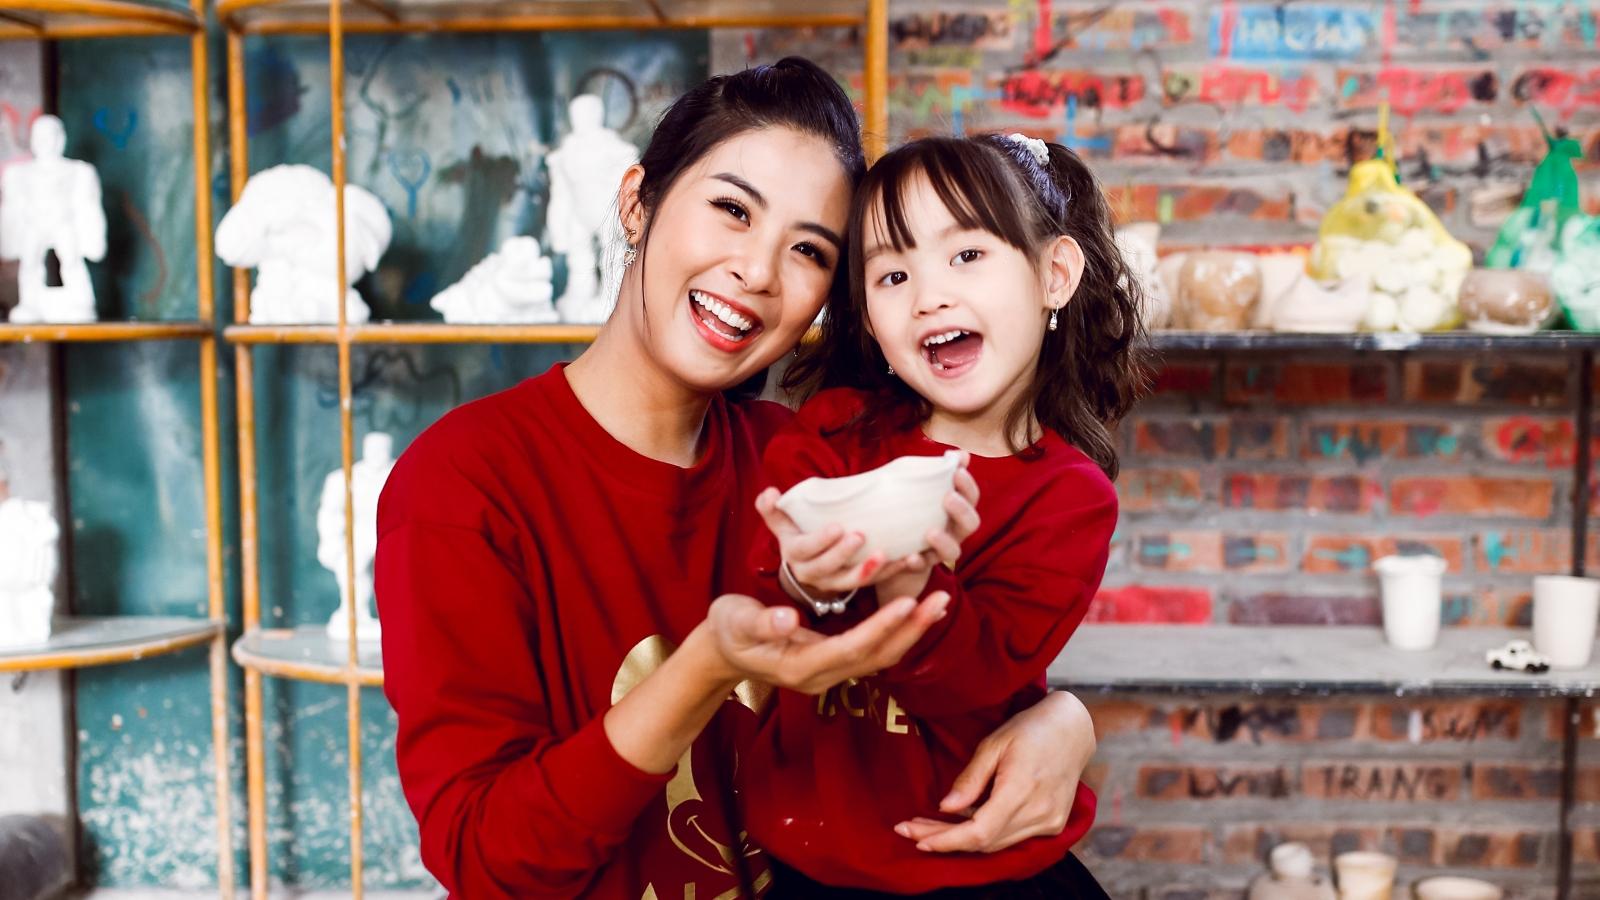 Ngọc Hân mặc áo đôi, cùng con gái Hồng Quế đi làm gốm